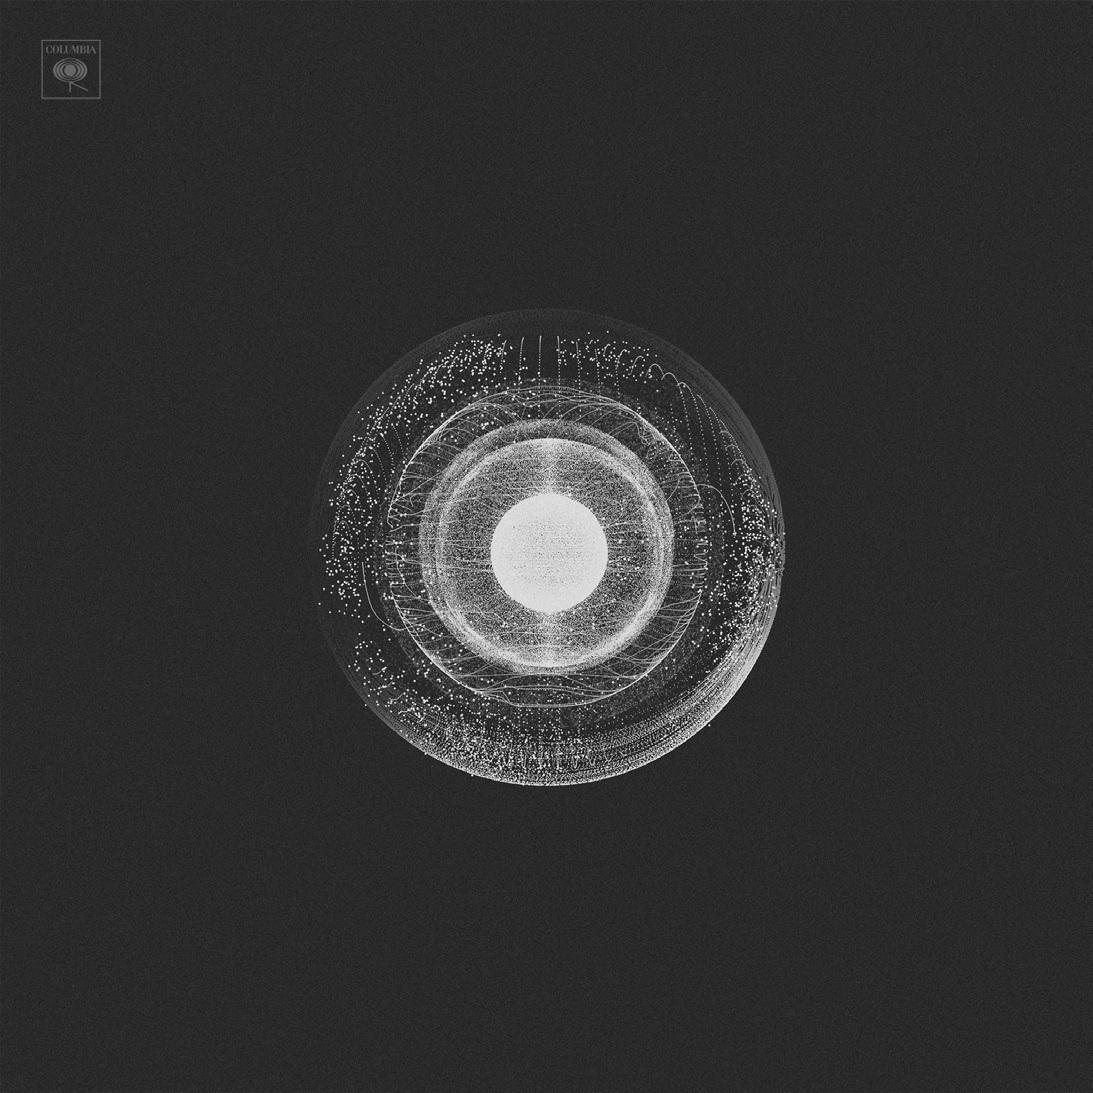 Alter Echo - Dizzy Mizz Lizzy - Musik - Sony Music - 0194397196610 - 20/3-2020